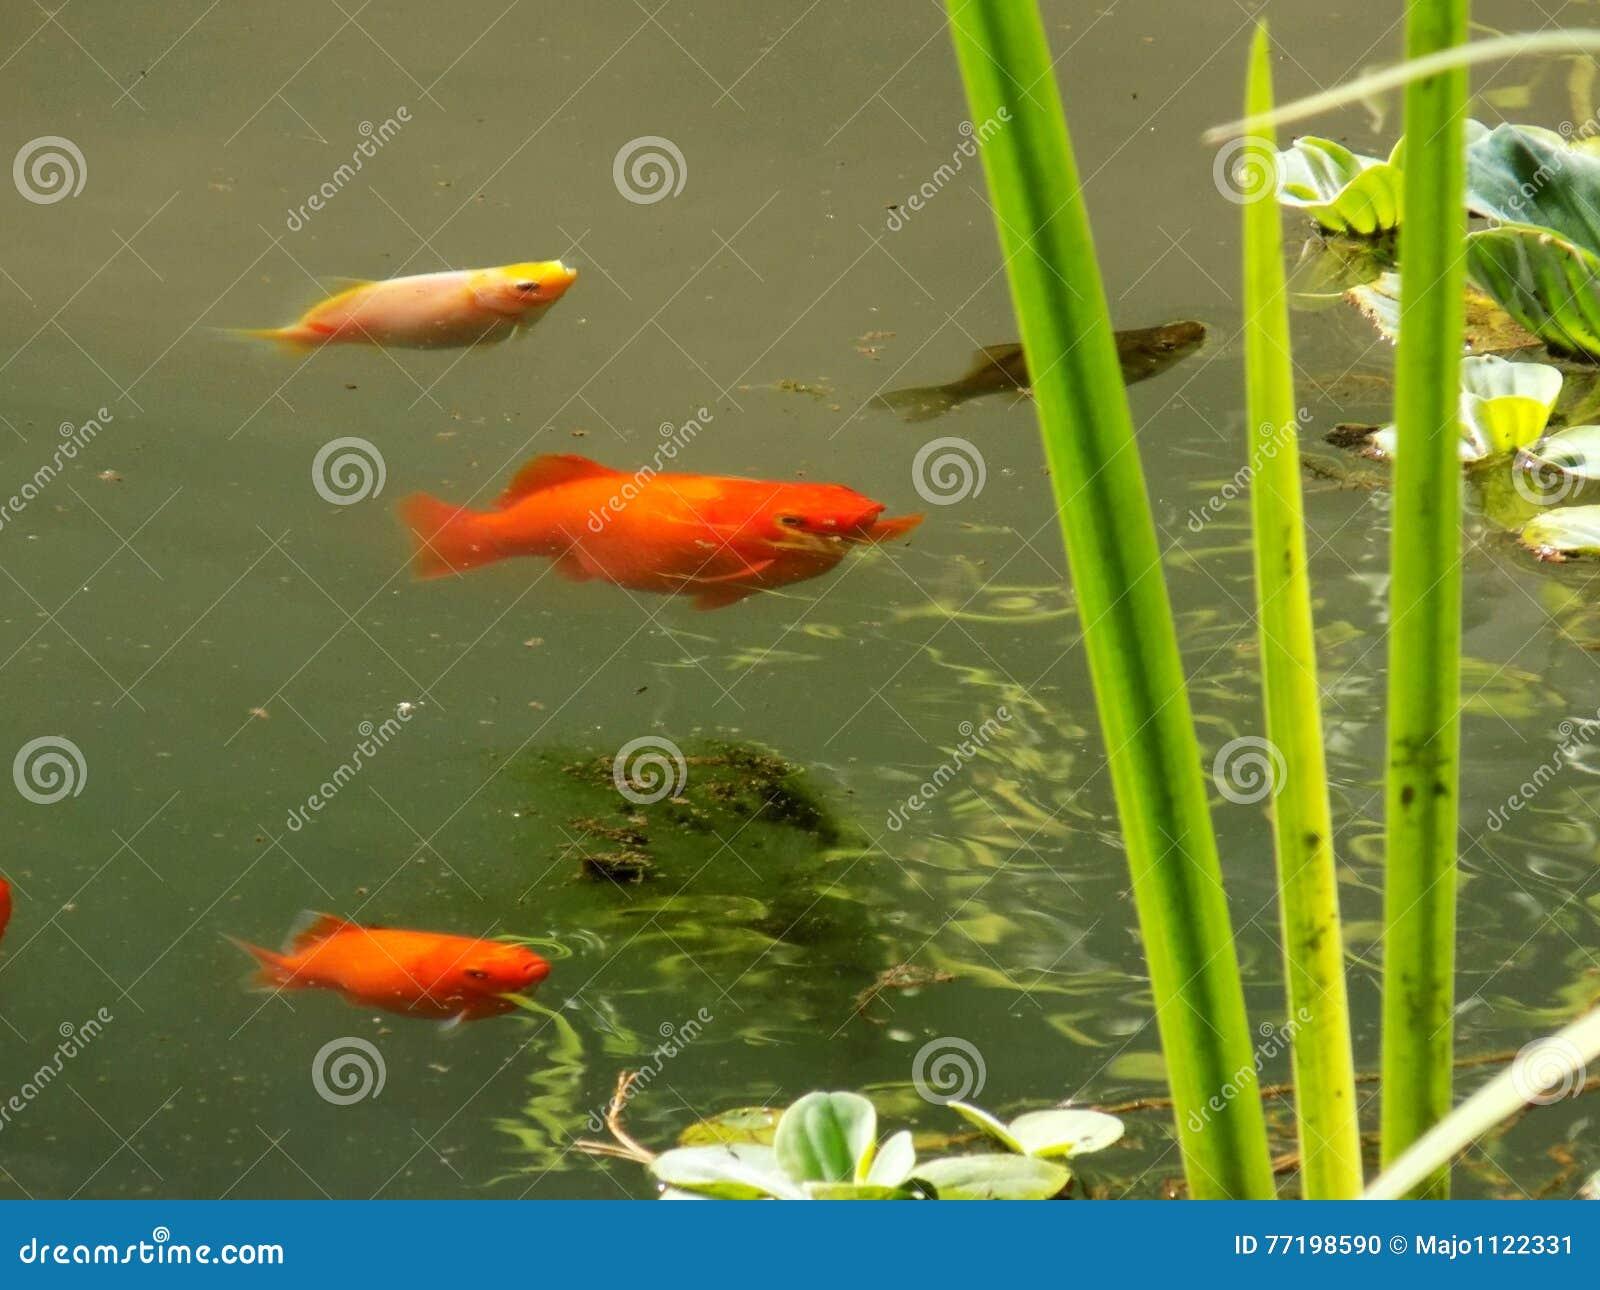 Vissen In Vijver : Kleine vissen in vijver stock foto afbeelding bestaande uit